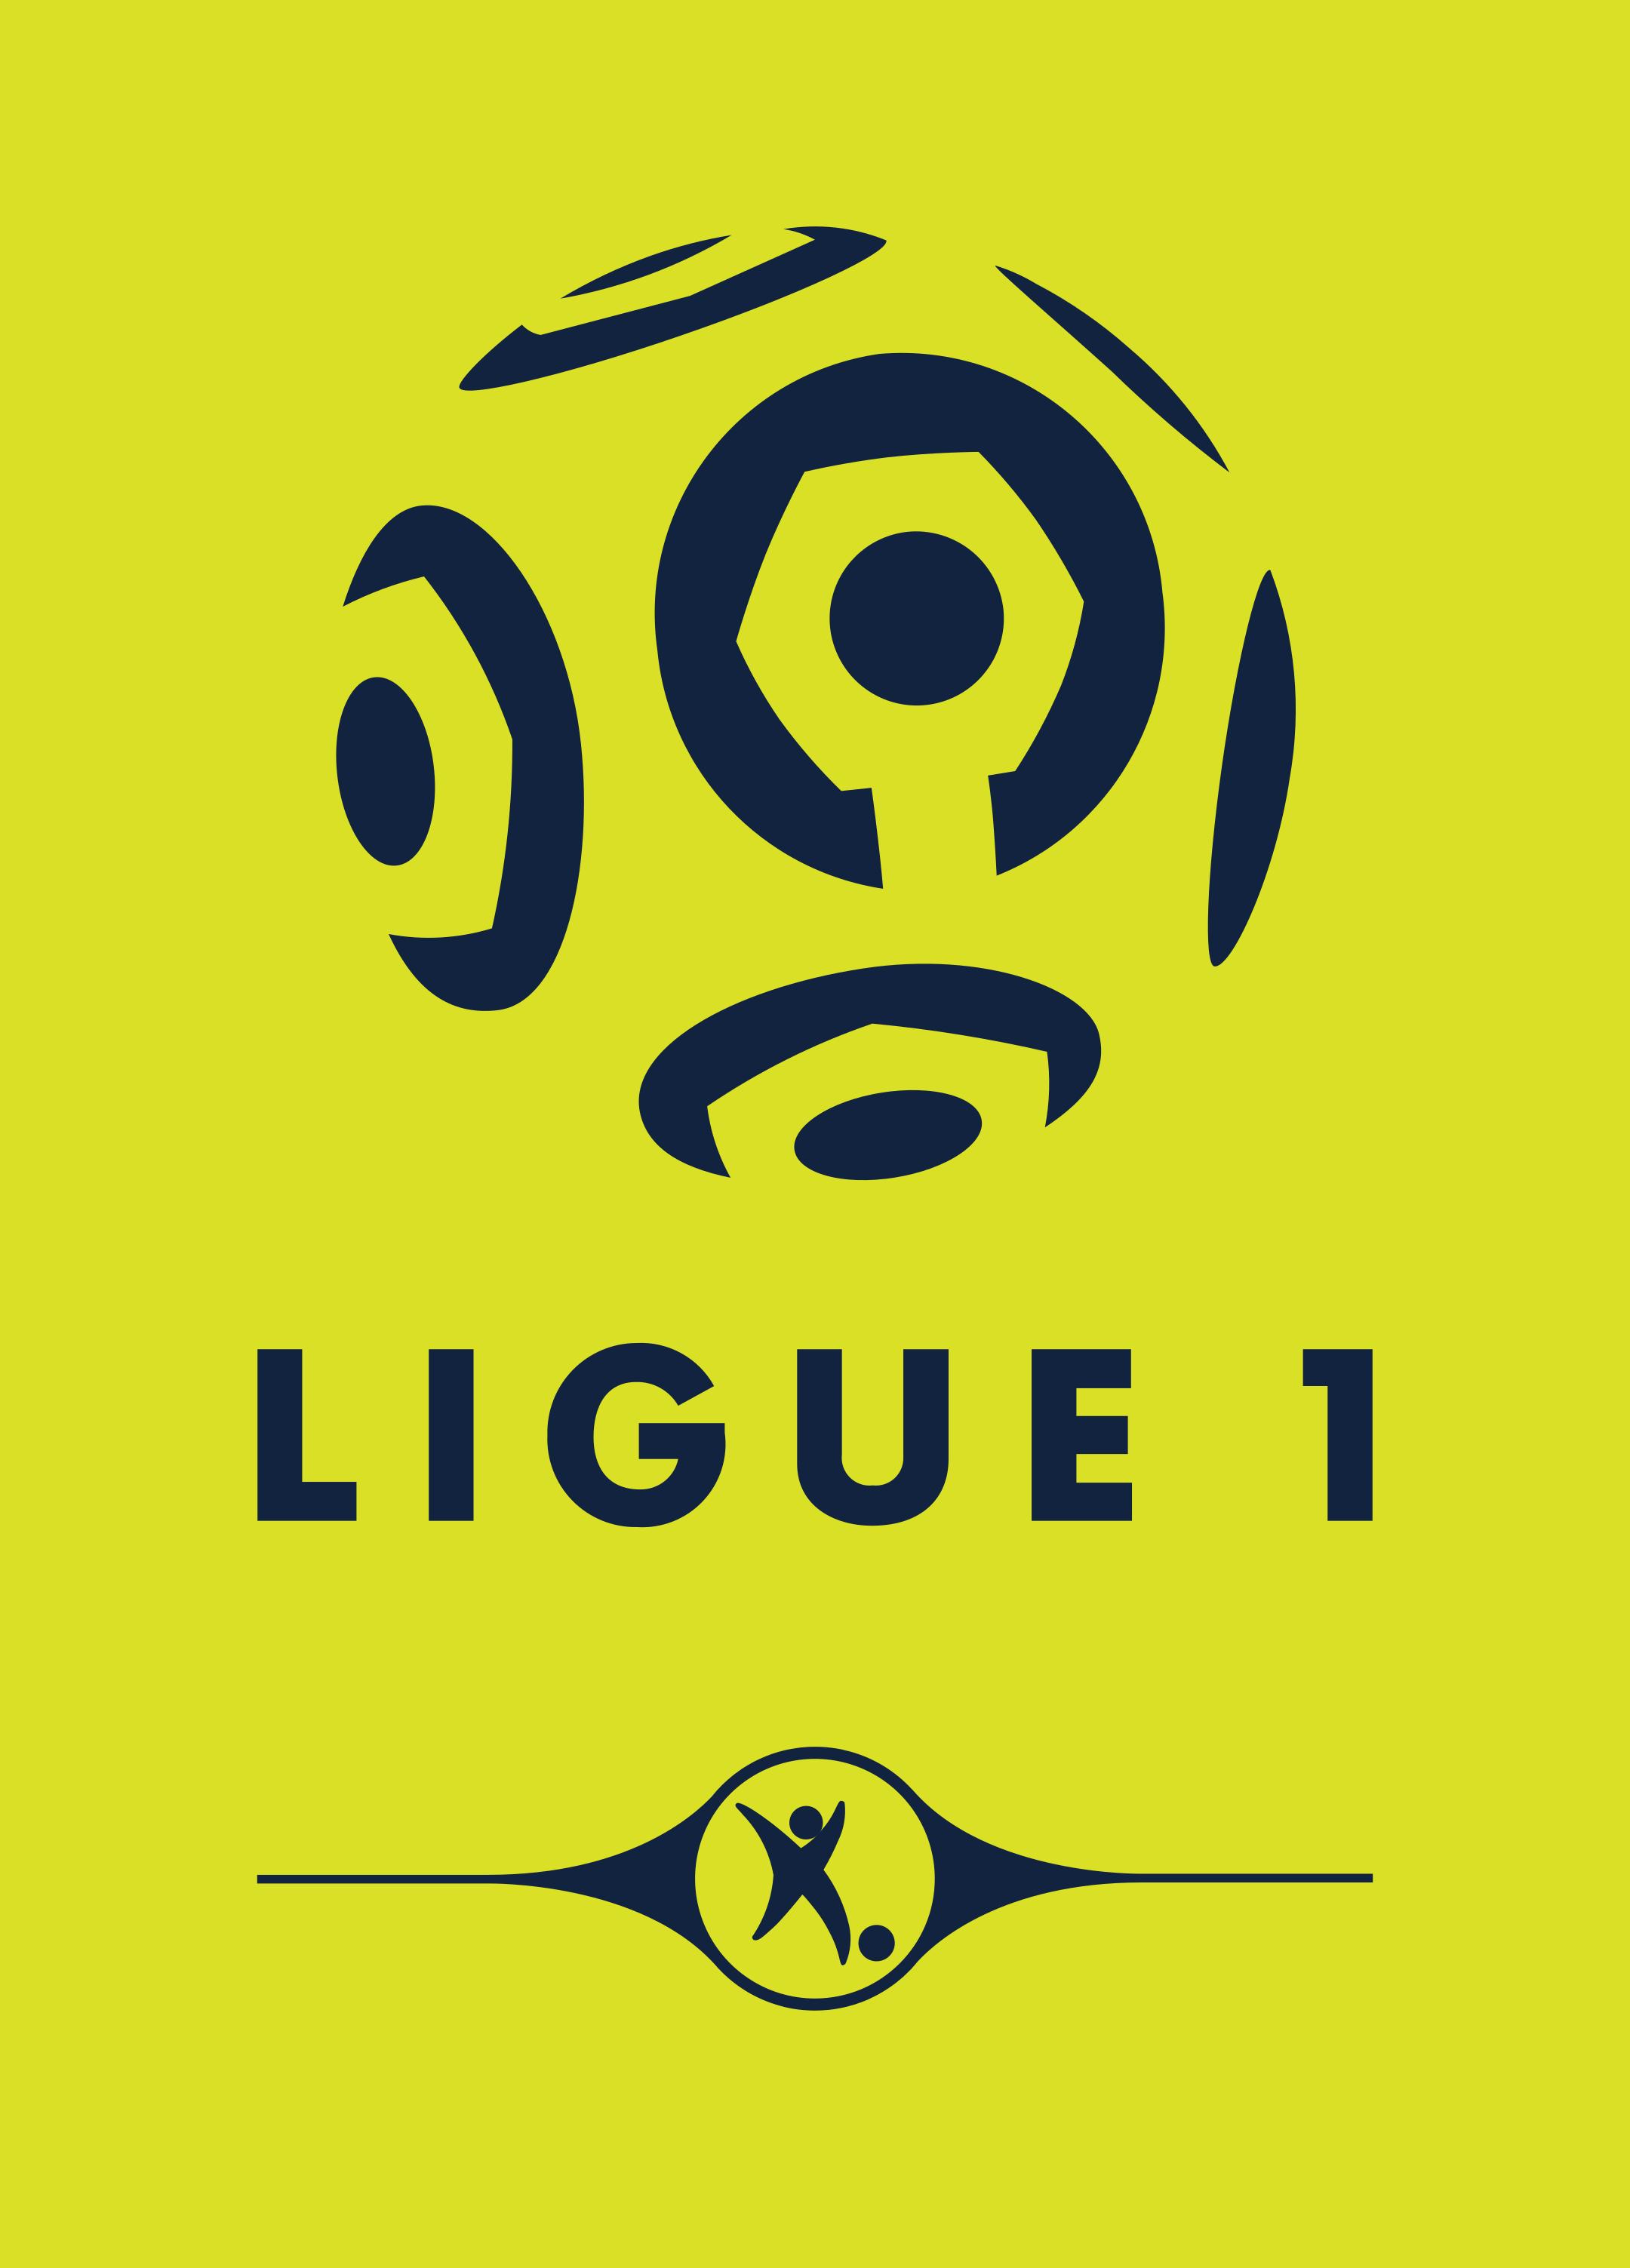 ligue 1 logo - Ligue 1 Logo